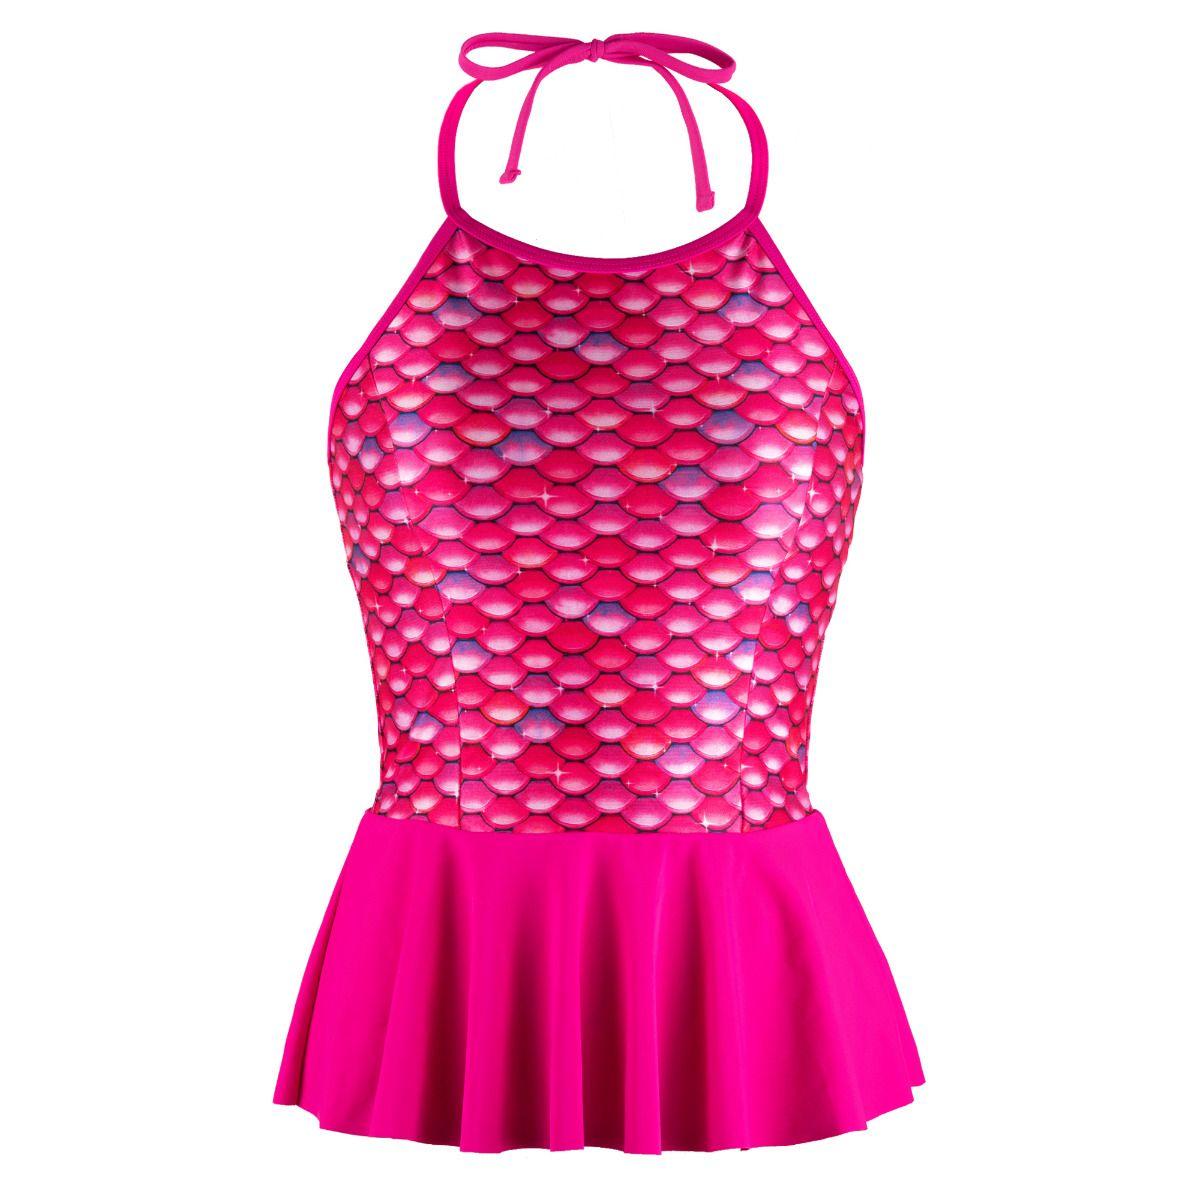 2946dd5a53 Malibu Pink Peplum Tankini Top for Girls and Women by Fin Fun